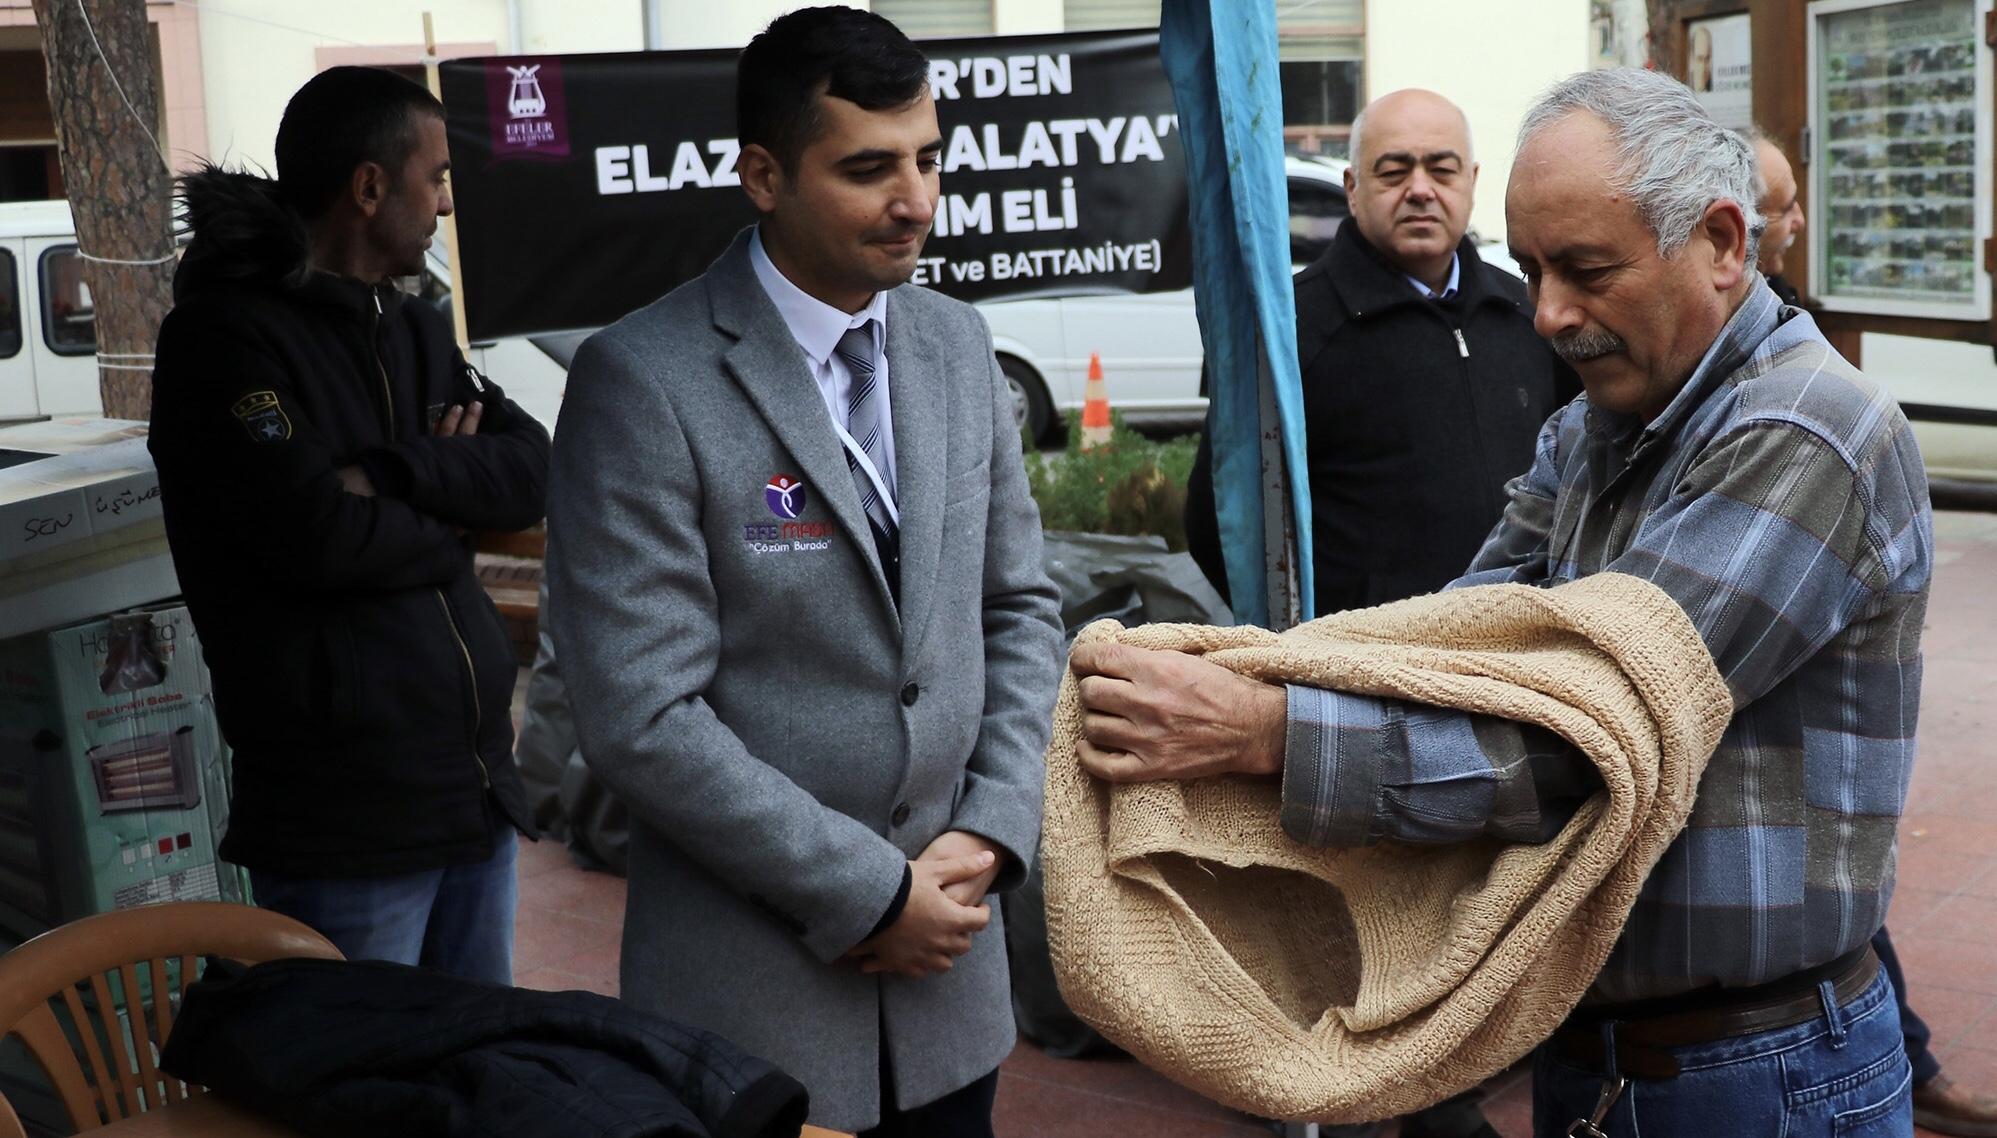 AYDIN'DA BİR VATANDAŞ ÜZERİNDEKİ KIYAFETLERİ BAĞIŞLADI